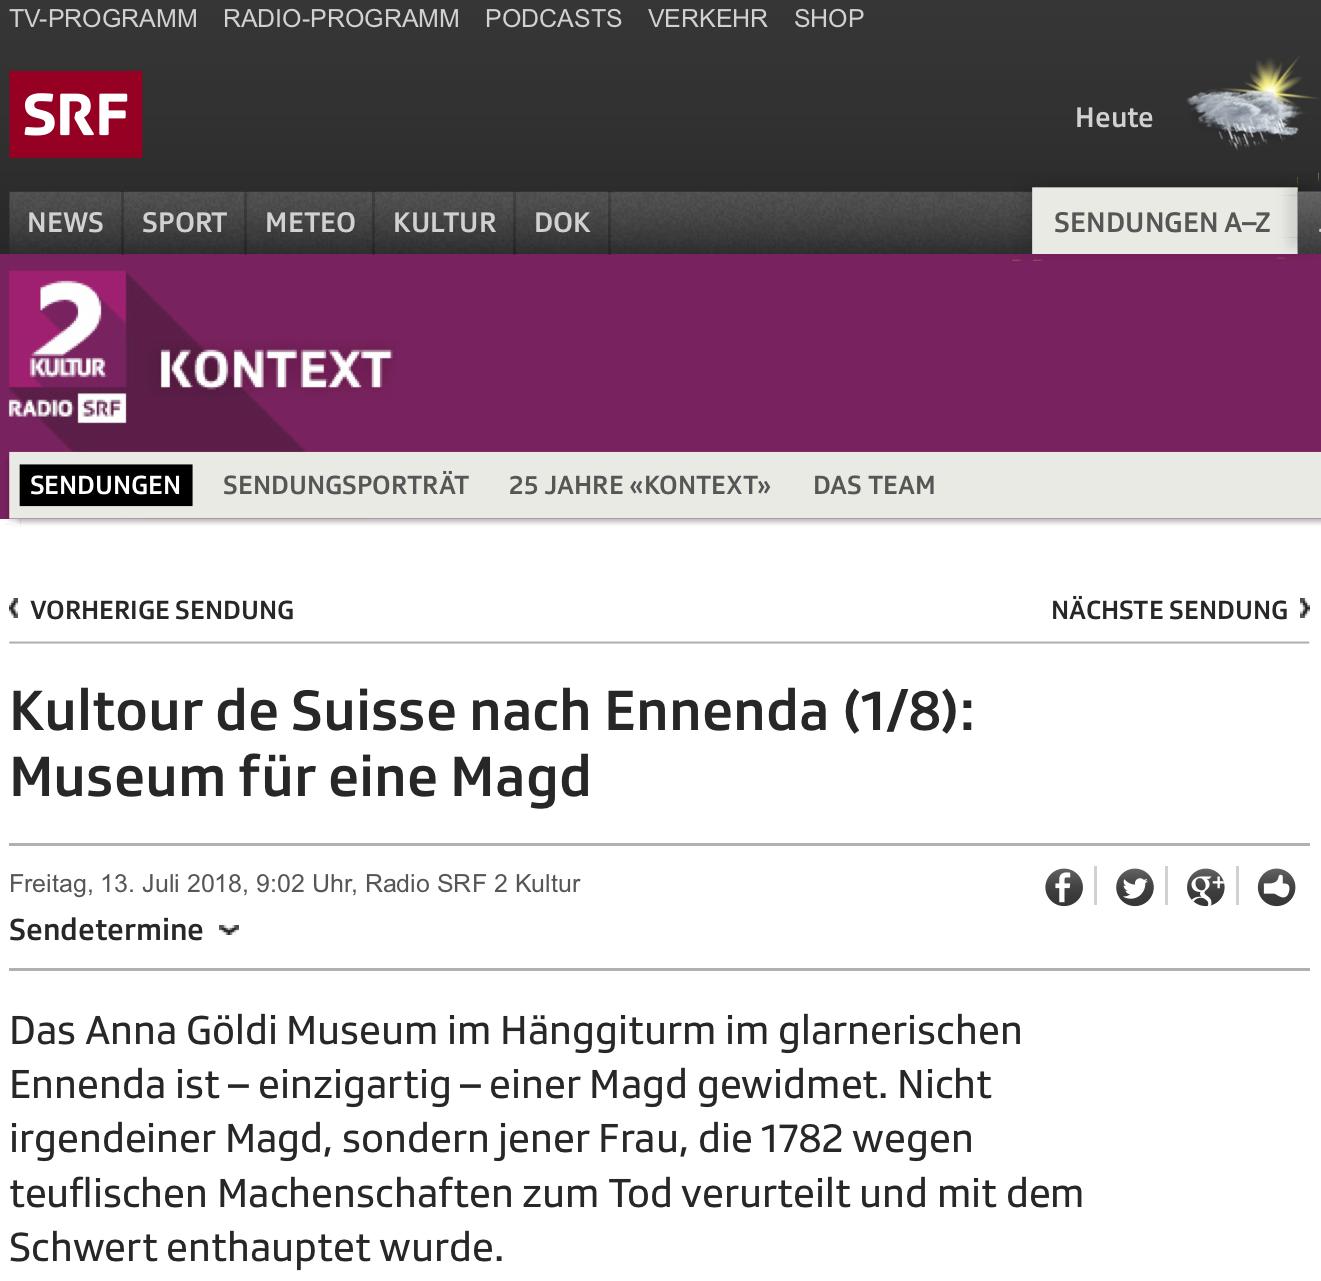 SRF2 Kontext 12.07.2018 - Kultour de Suisse nach Ennenda (1/8): Museum für eine Magd